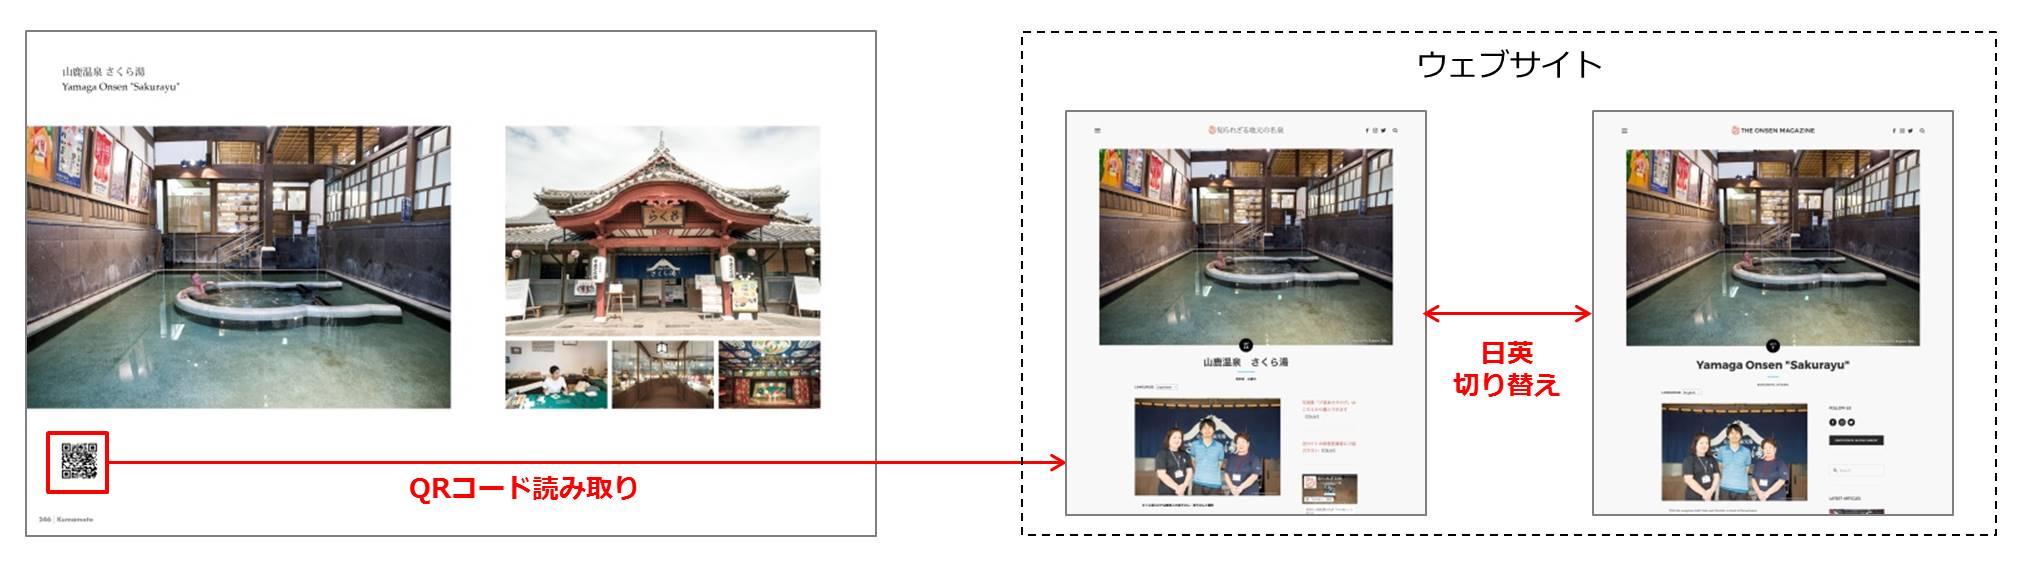 ・「ジ温泉カタログ(九州編)」とウェブサイトとの連携イメージ